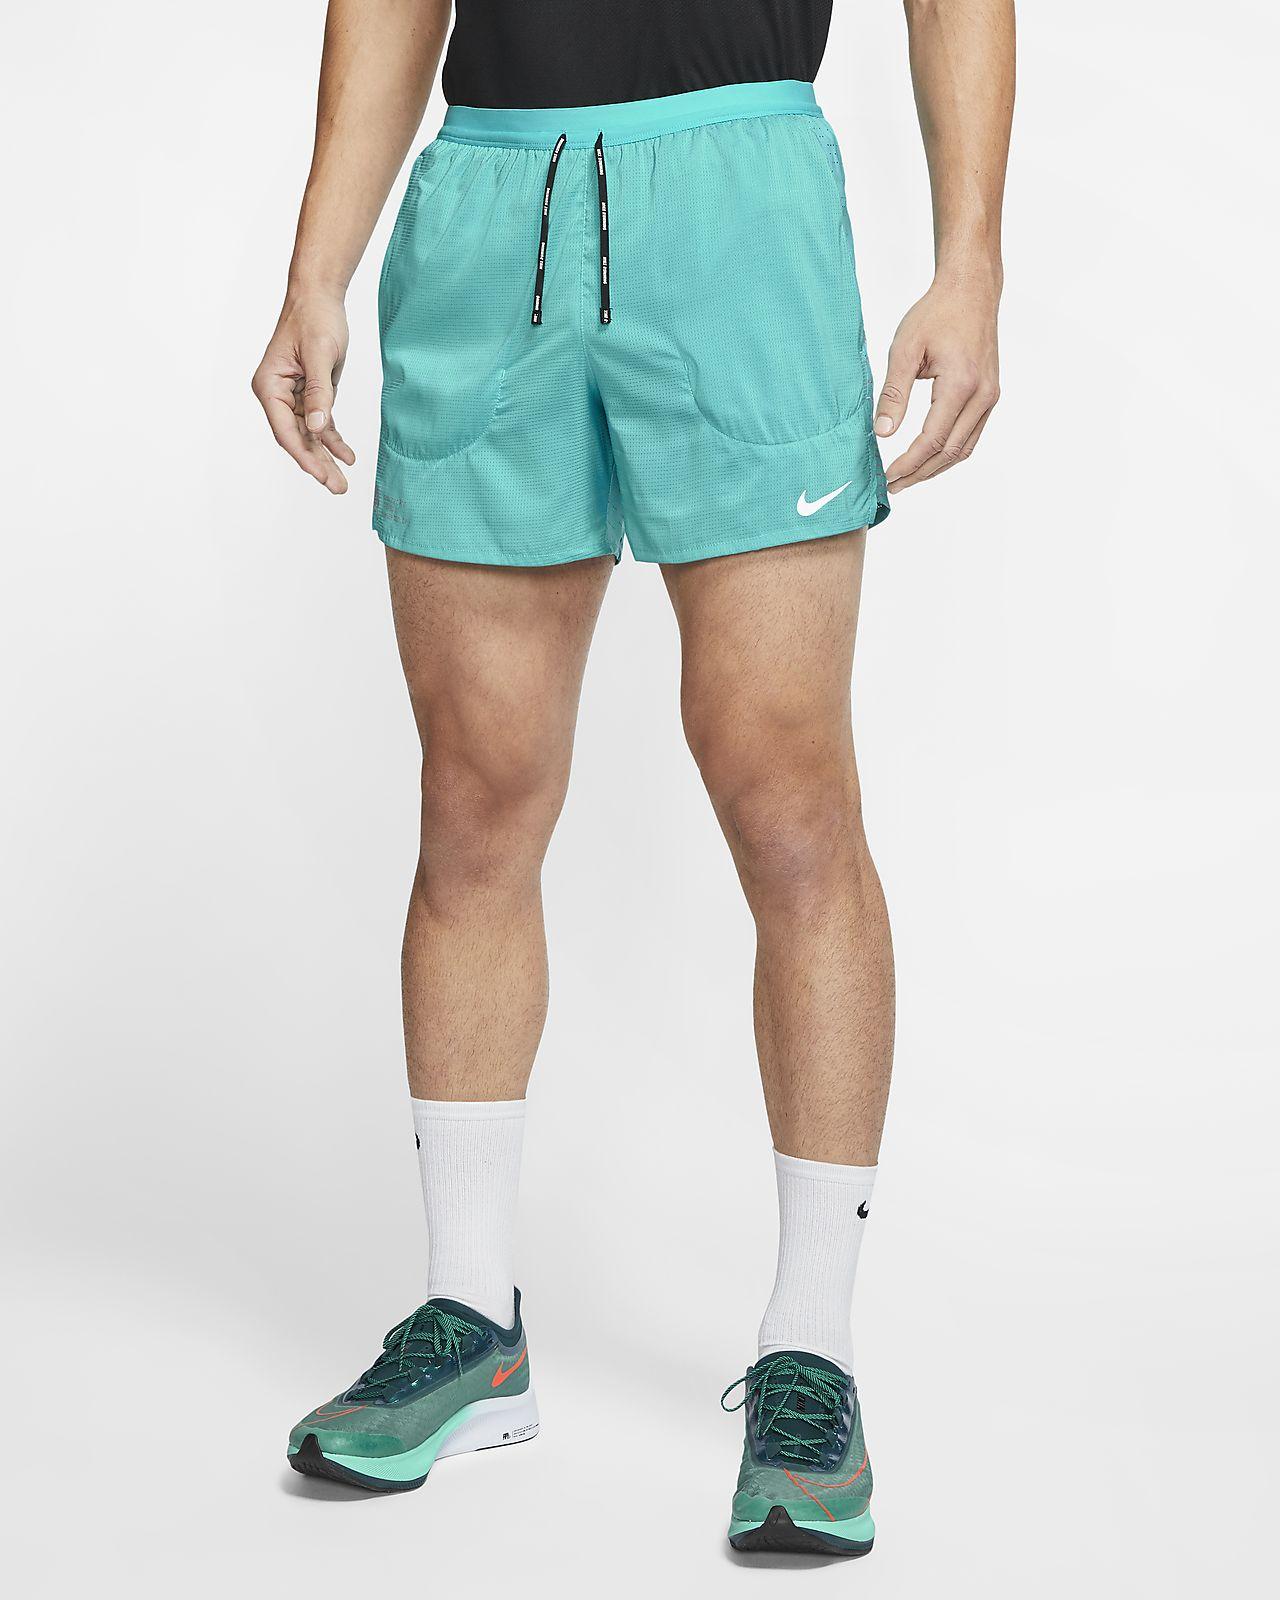 Ανδρικό σορτς για τρέξιμο με επένδυση εσωτερικού σορτς Nike Flex Stride Future Fast 13 cm